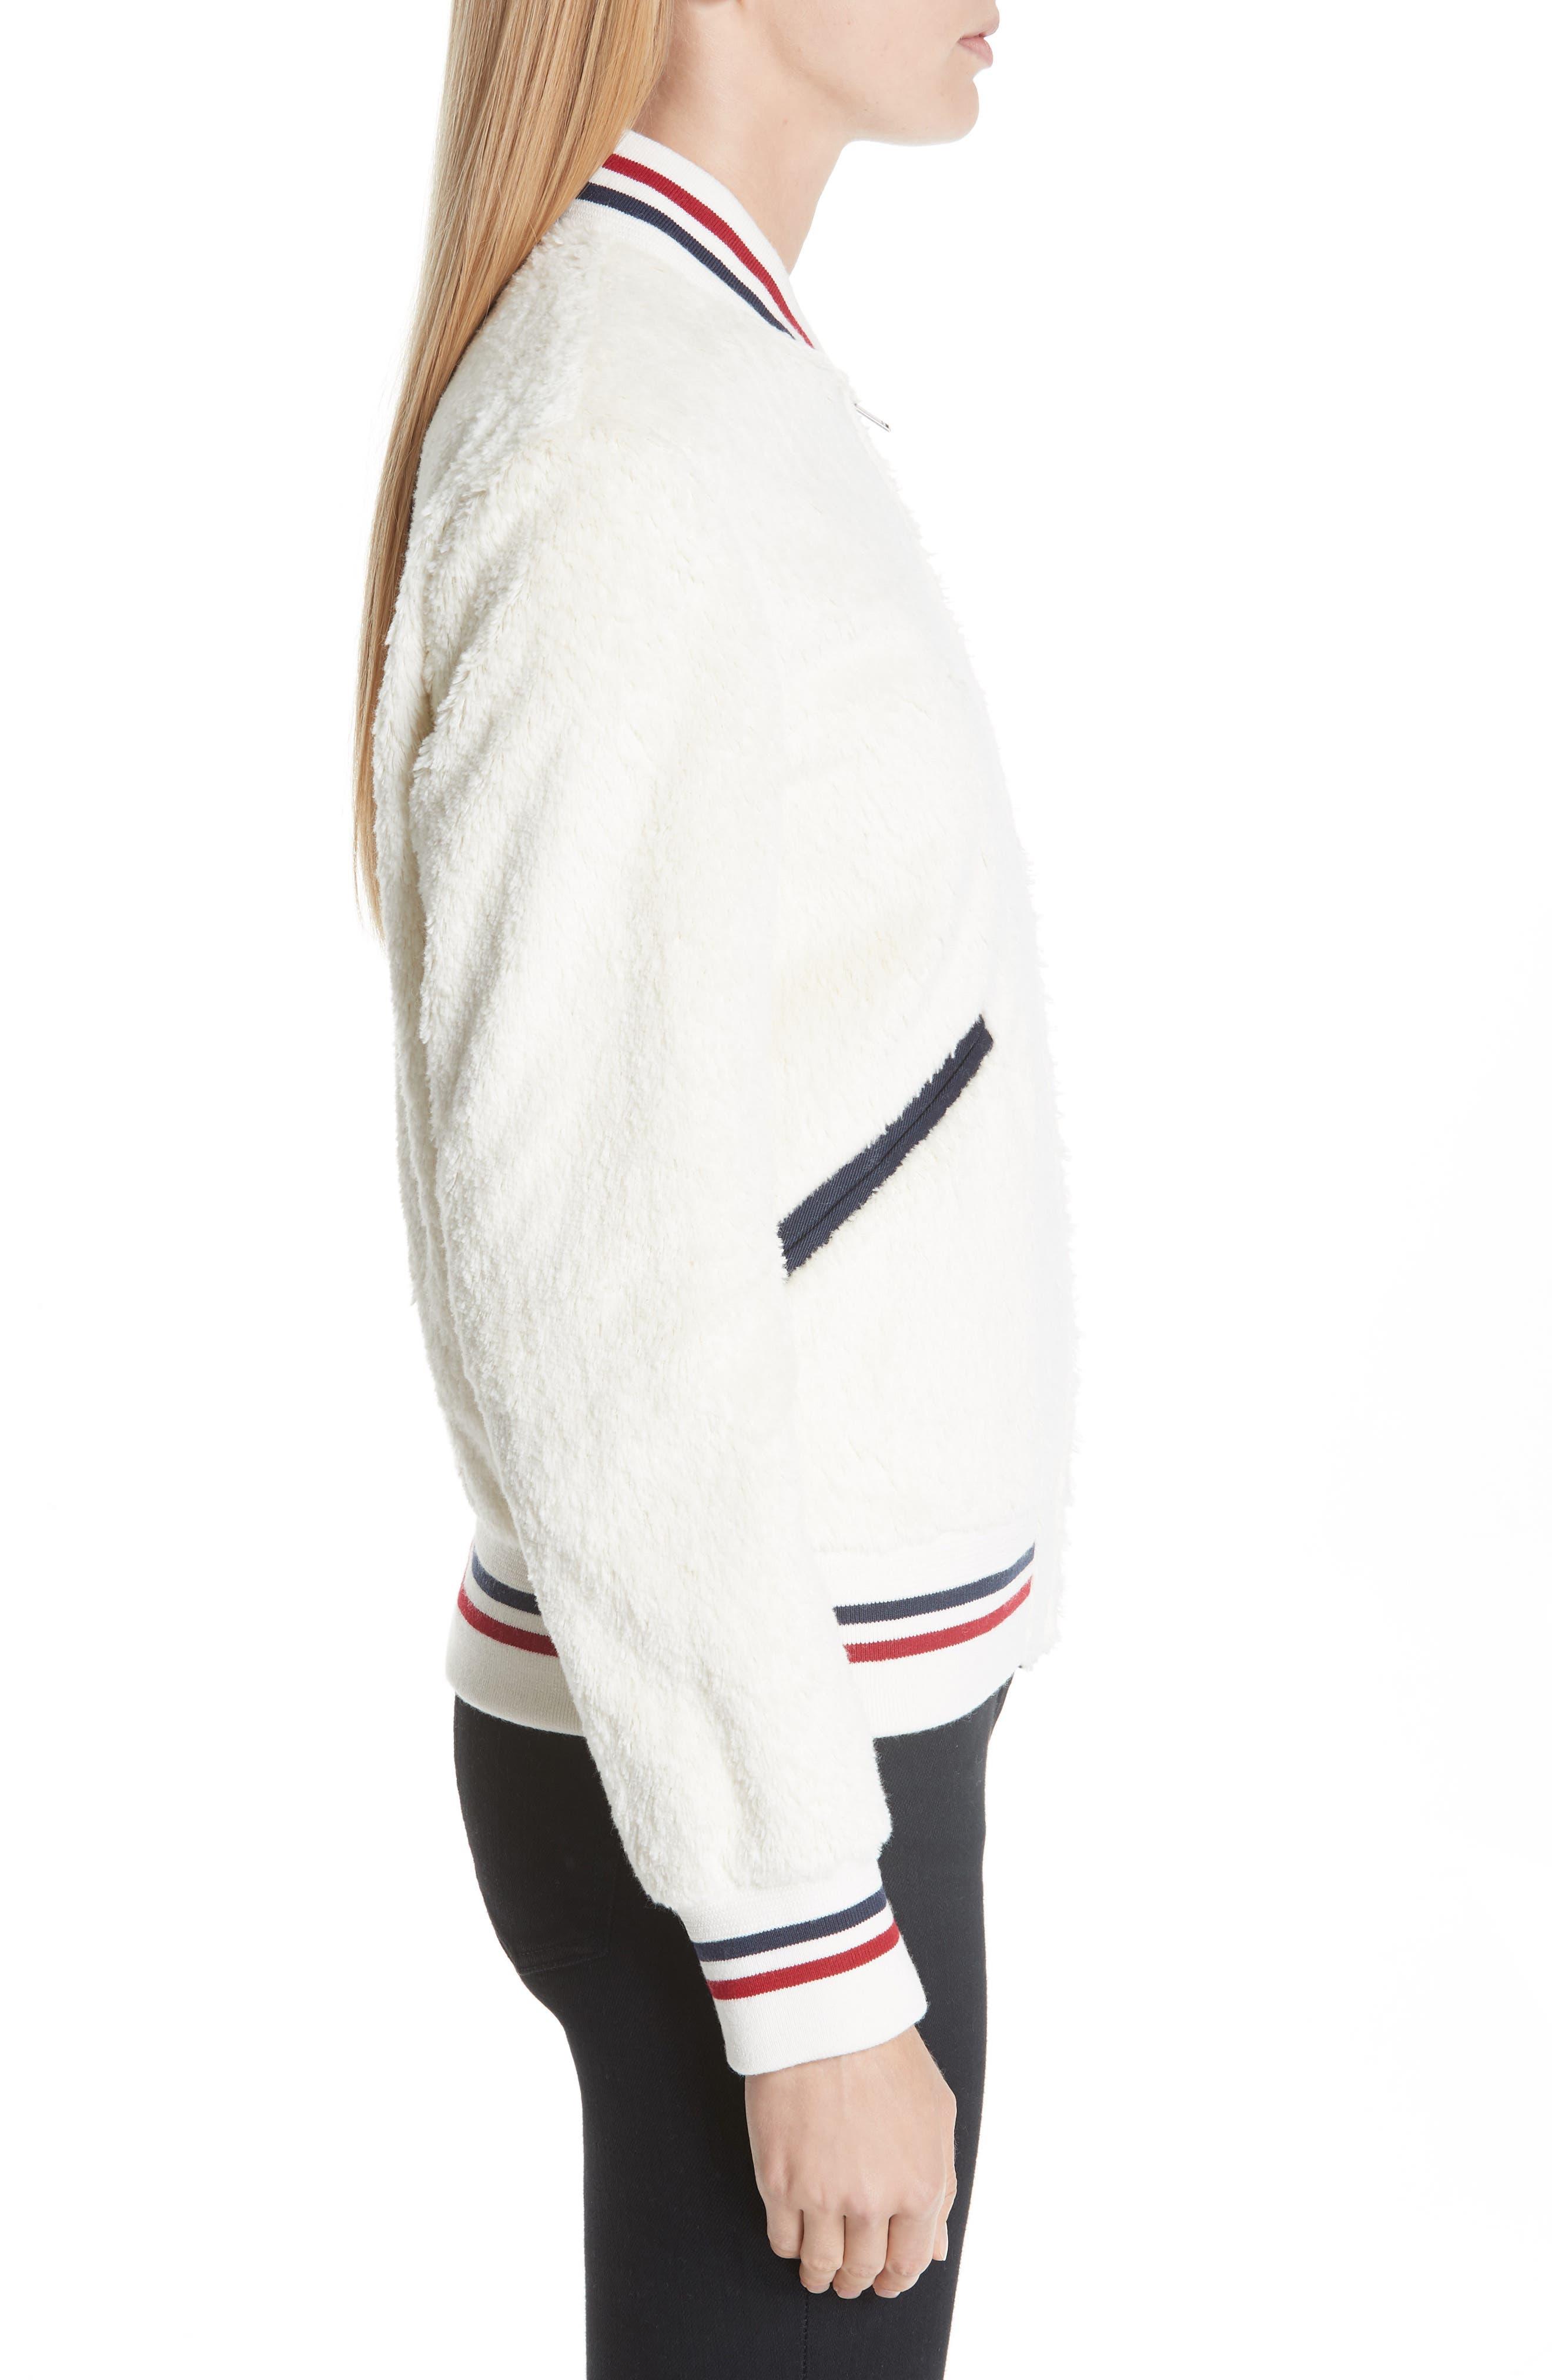 SAINT LAURENT,                             Teddy Faux Fur Bomber Jacket,                             Alternate thumbnail 3, color,                             WHITE